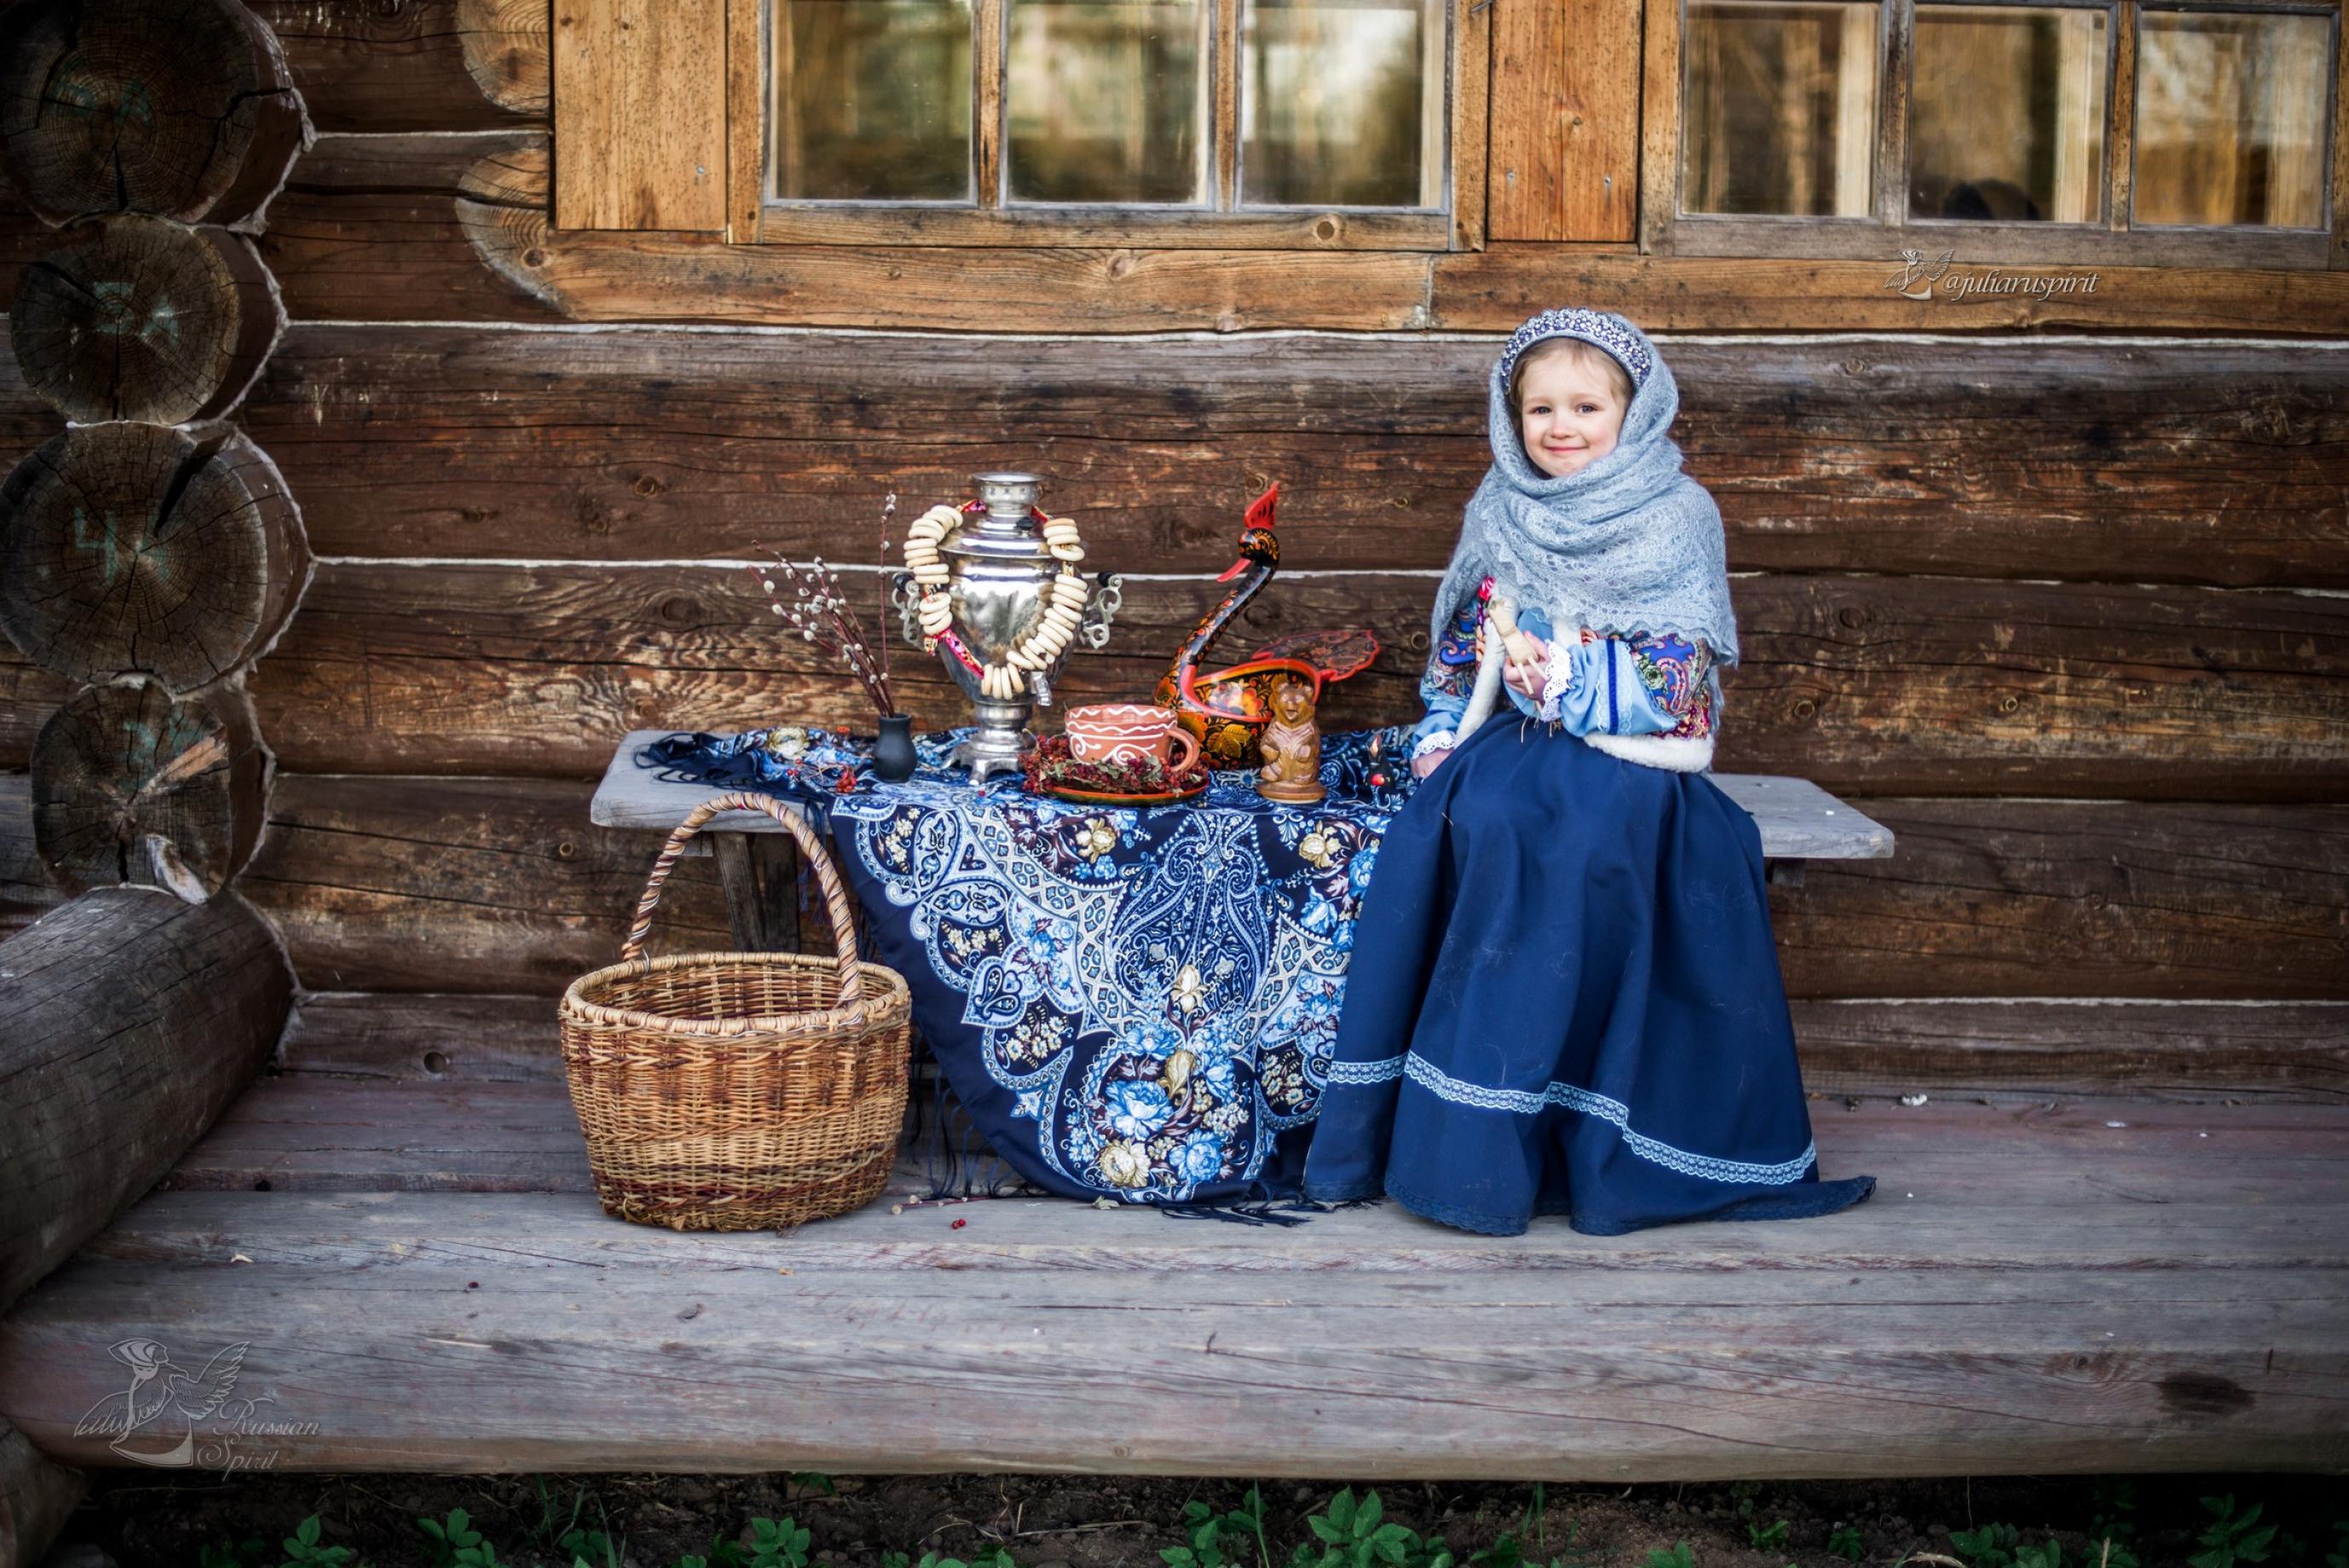 Девочка в национальном русском костюме на лавочке у дома